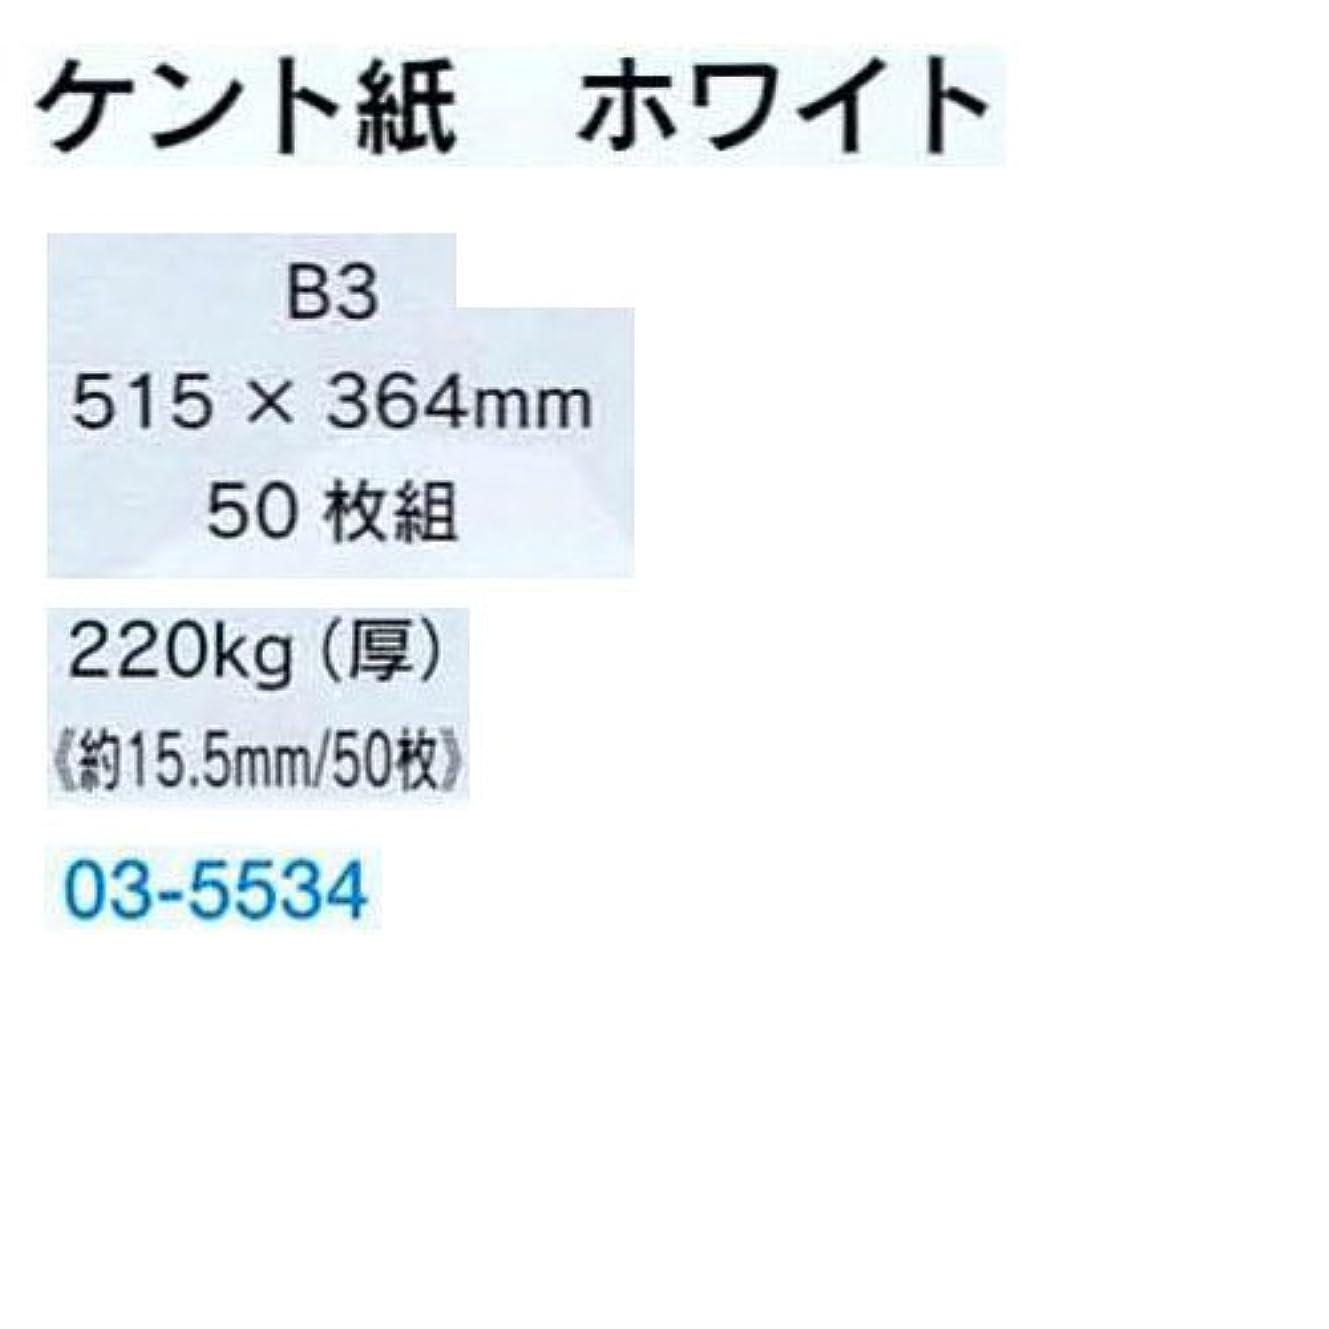 識別残り紫のケント紙 B3判 220kg 50枚組 B03-5534